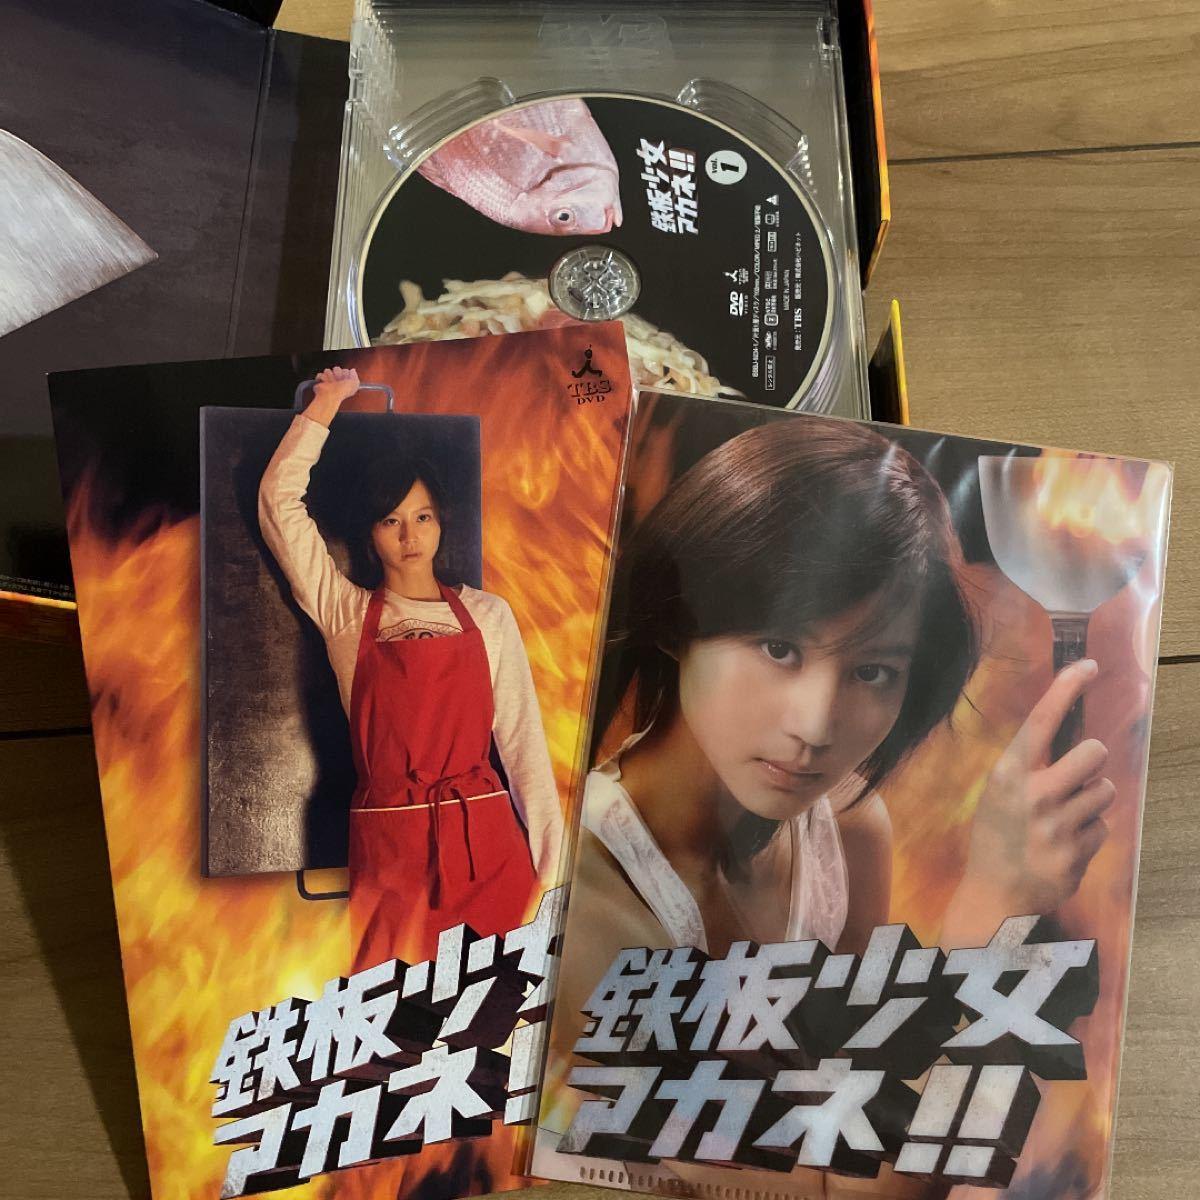 鉄板少女アカネ DVDBOX6枚組 特典映像付き